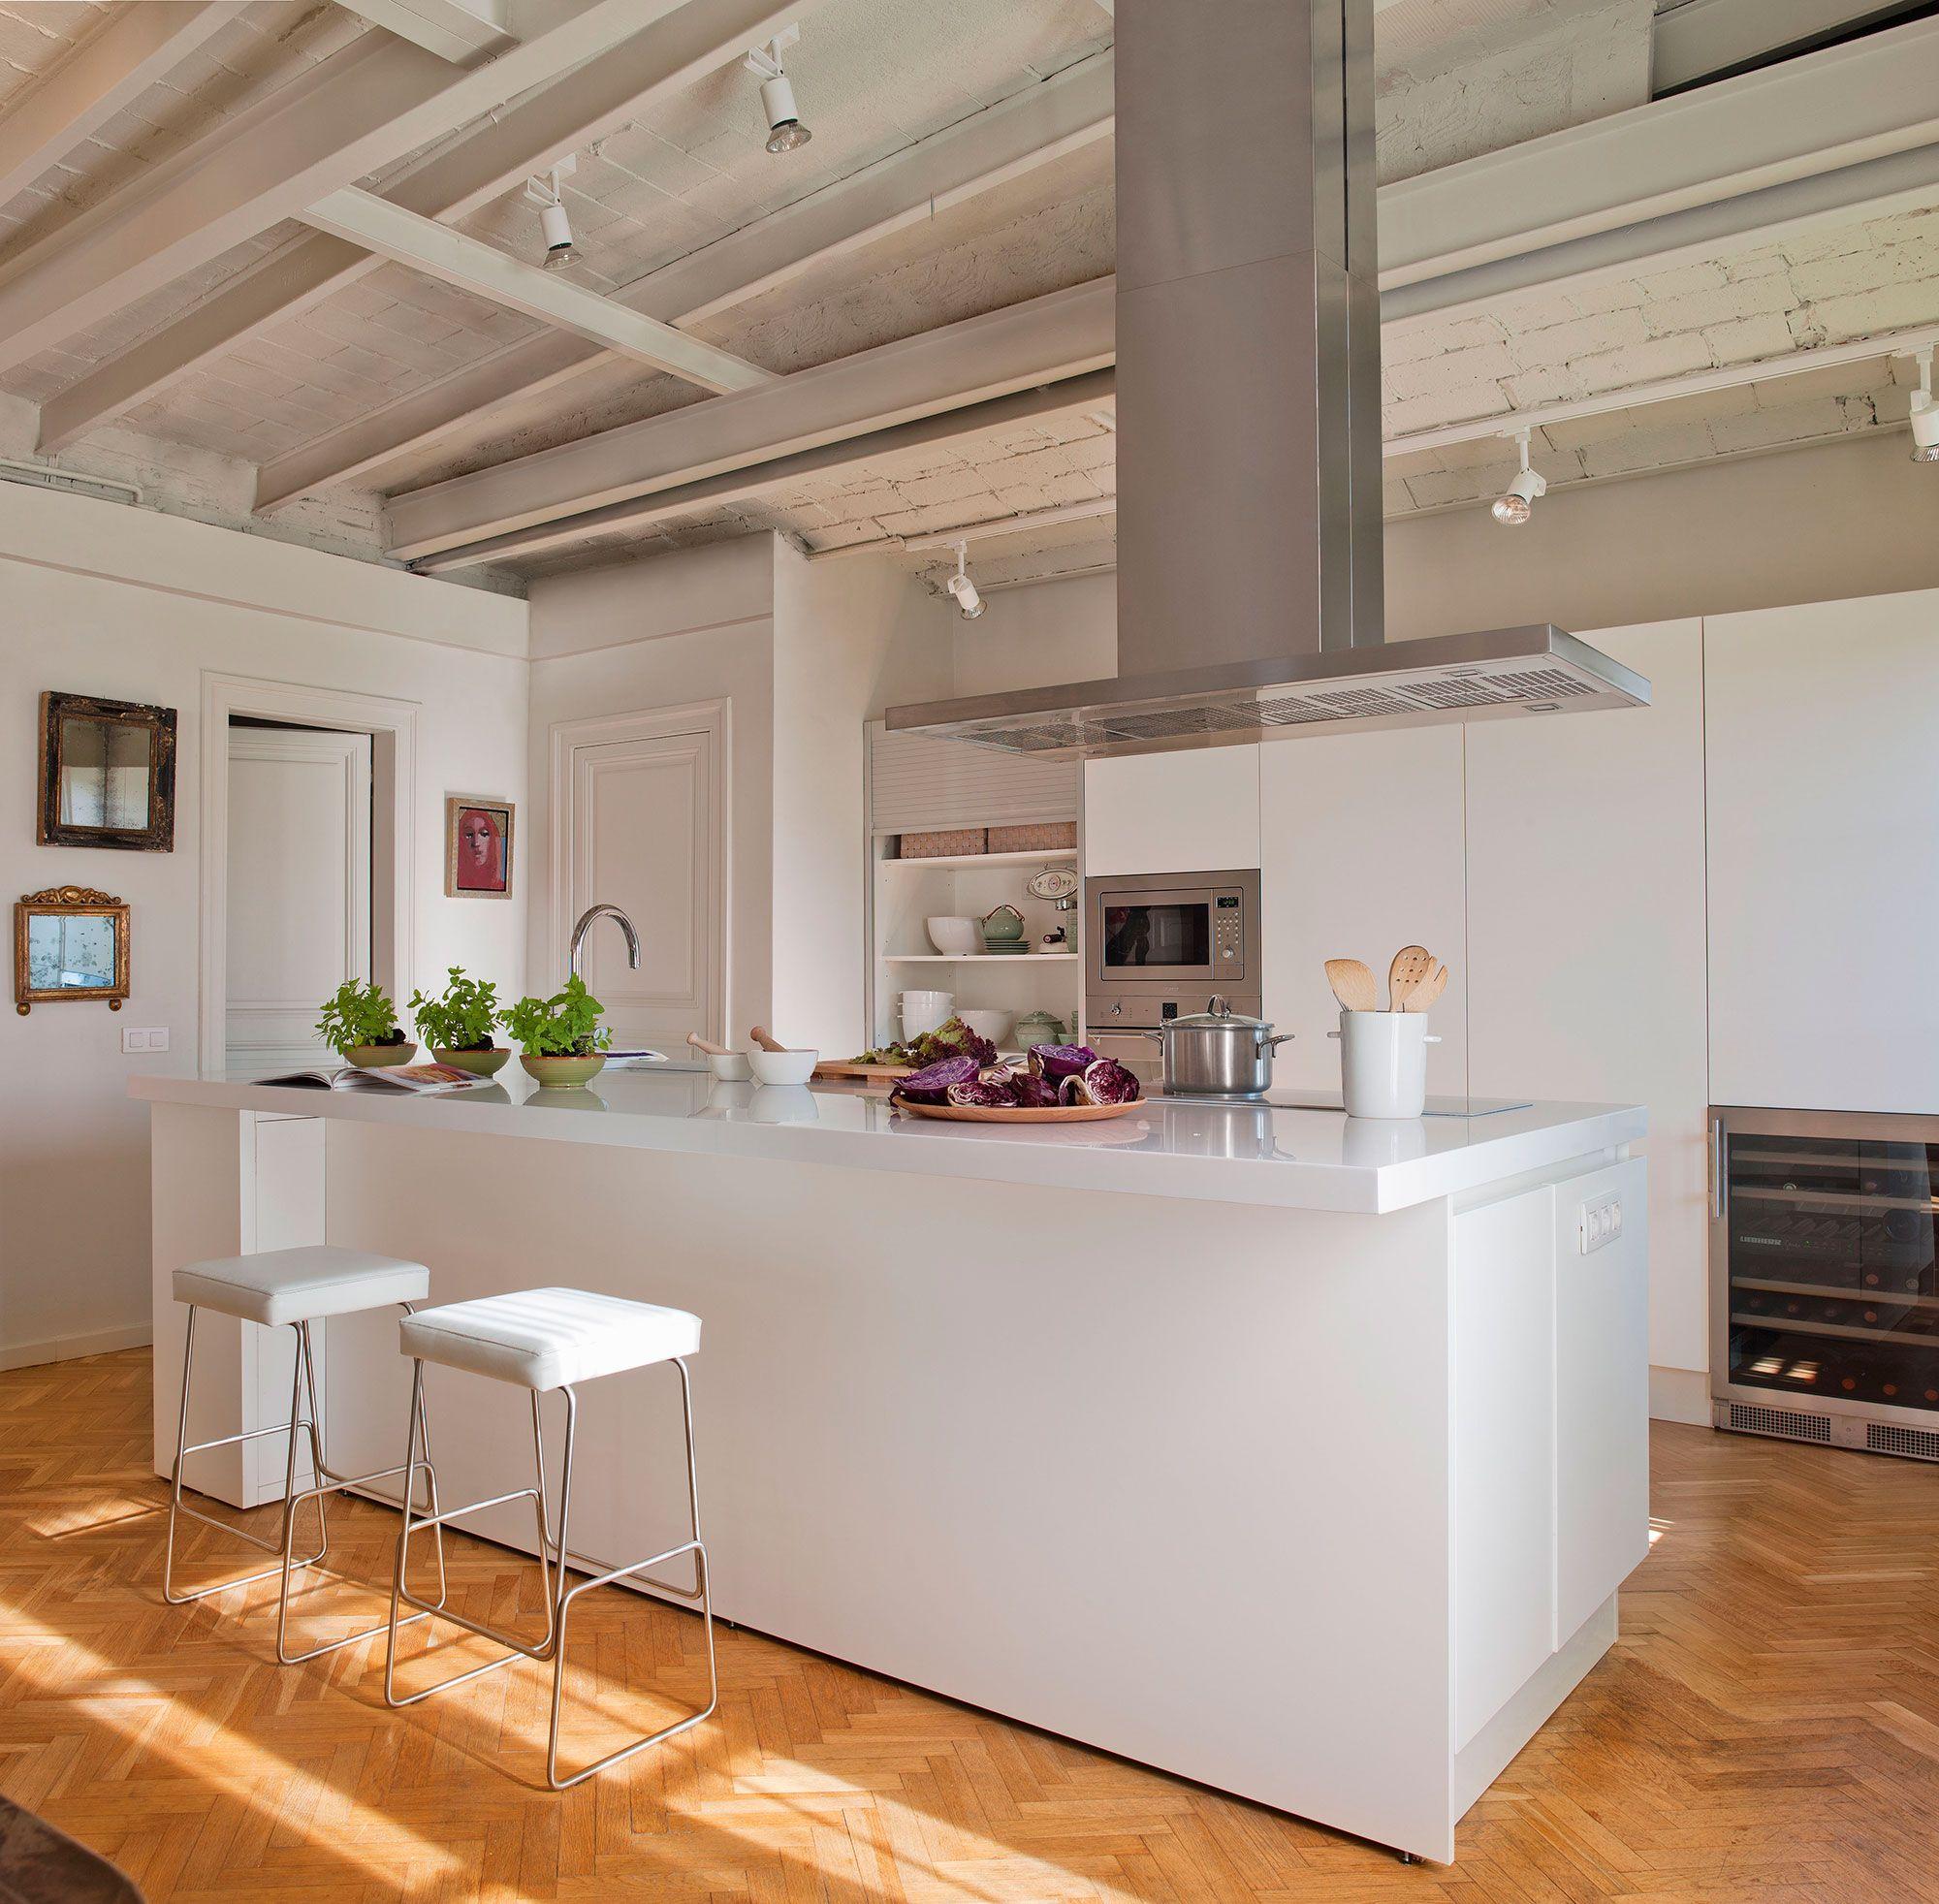 Cocina de estilo industrial, con mobiliario blanco, isla central y ...